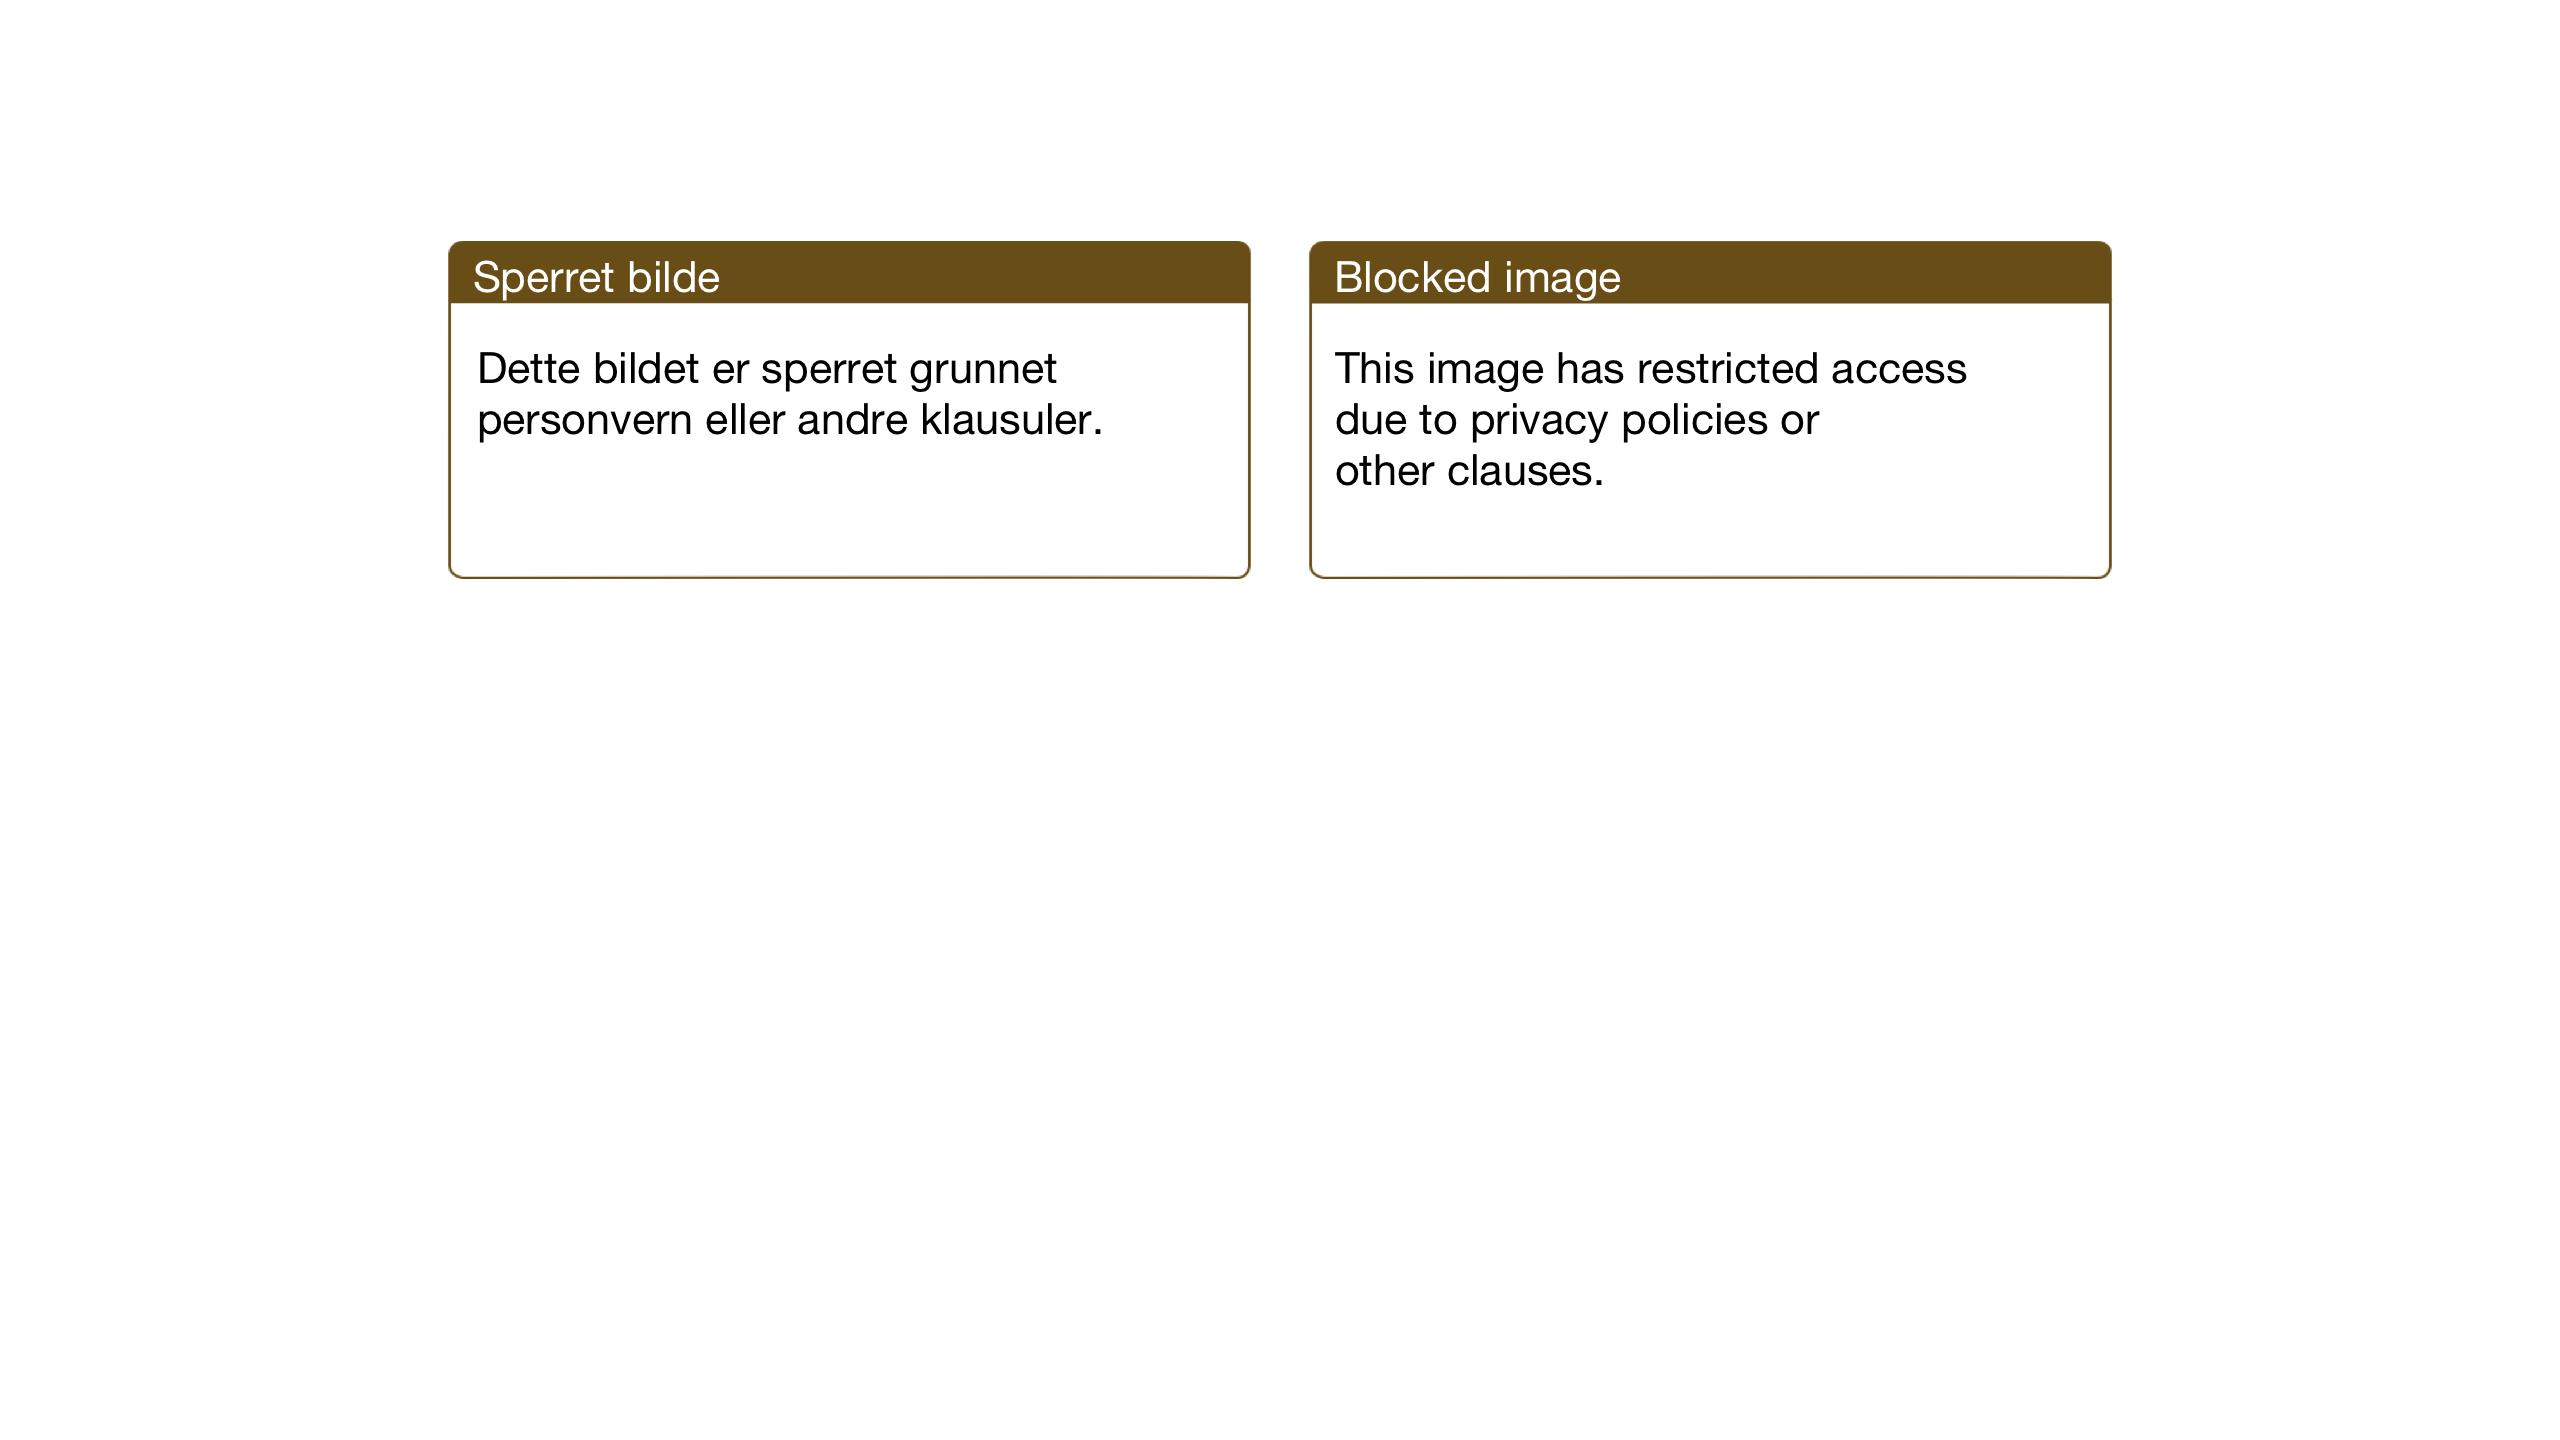 SAT, Ministerialprotokoller, klokkerbøker og fødselsregistre - Nord-Trøndelag, 780/L0654: Klokkerbok nr. 780C06, 1928-1942, s. 37